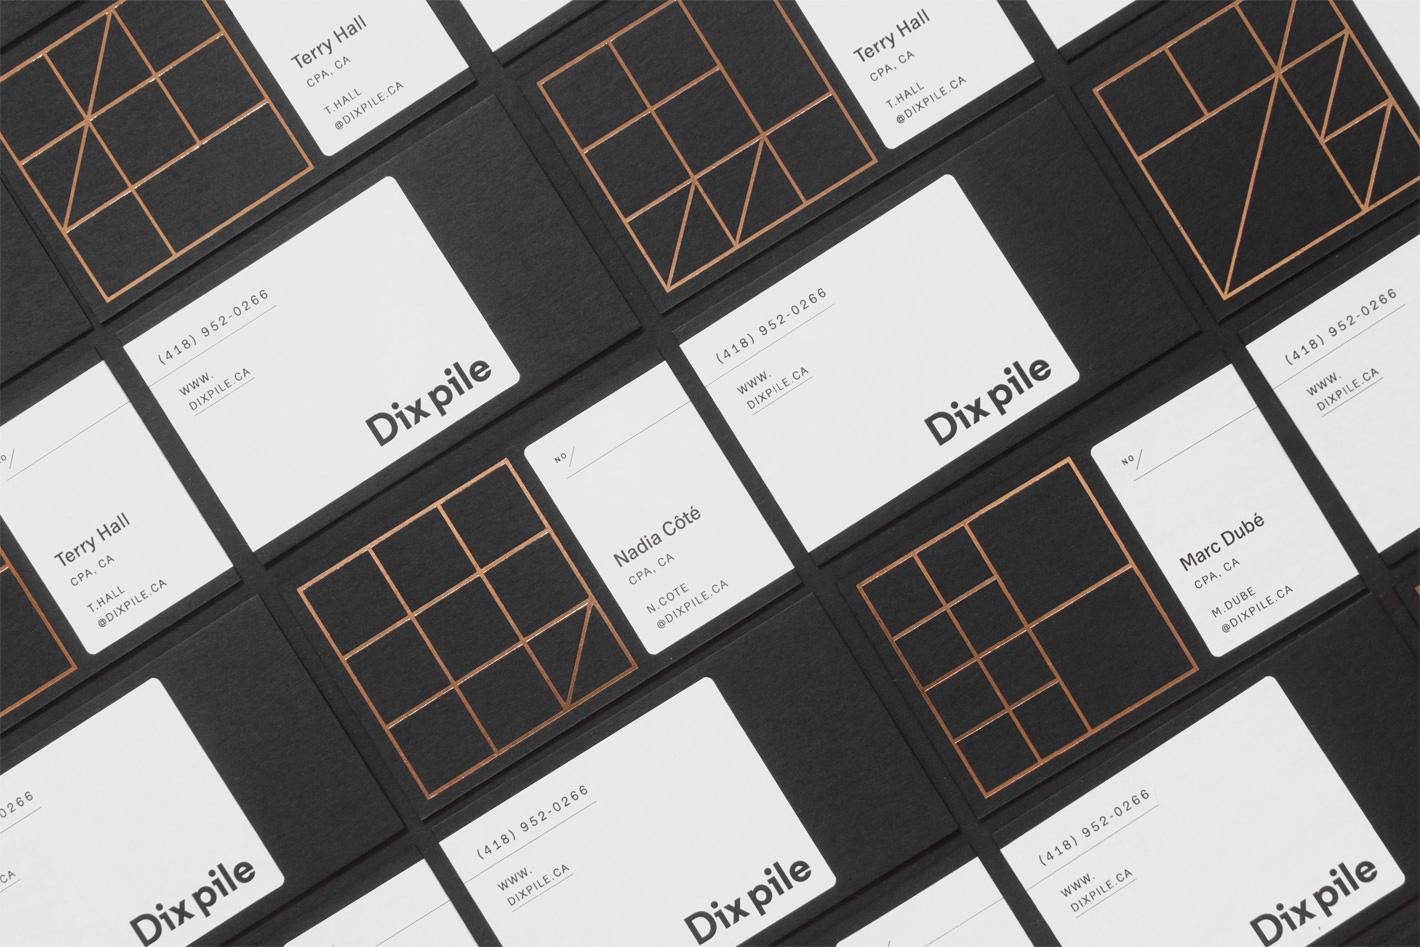 Figure-Jeremy-Hall-Design-Graphique-Logo-Branding-Image-De-Marque-Quebec-Dix-Pile-Comptabilite-Administration-Pharmacie-5.jpg